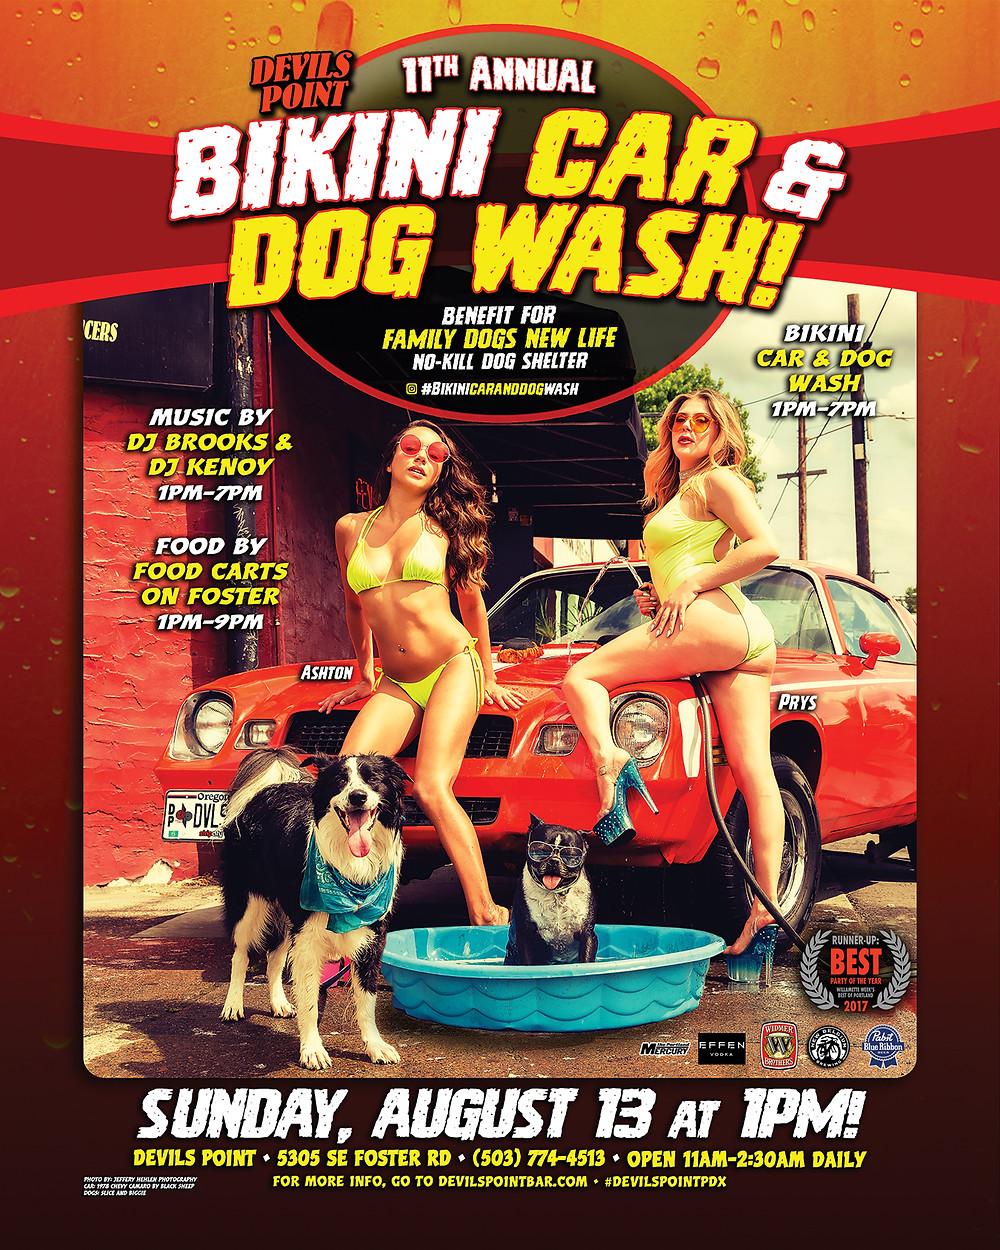 11th Annual Bikini Car & Dog Wash Sunday, August 13th!